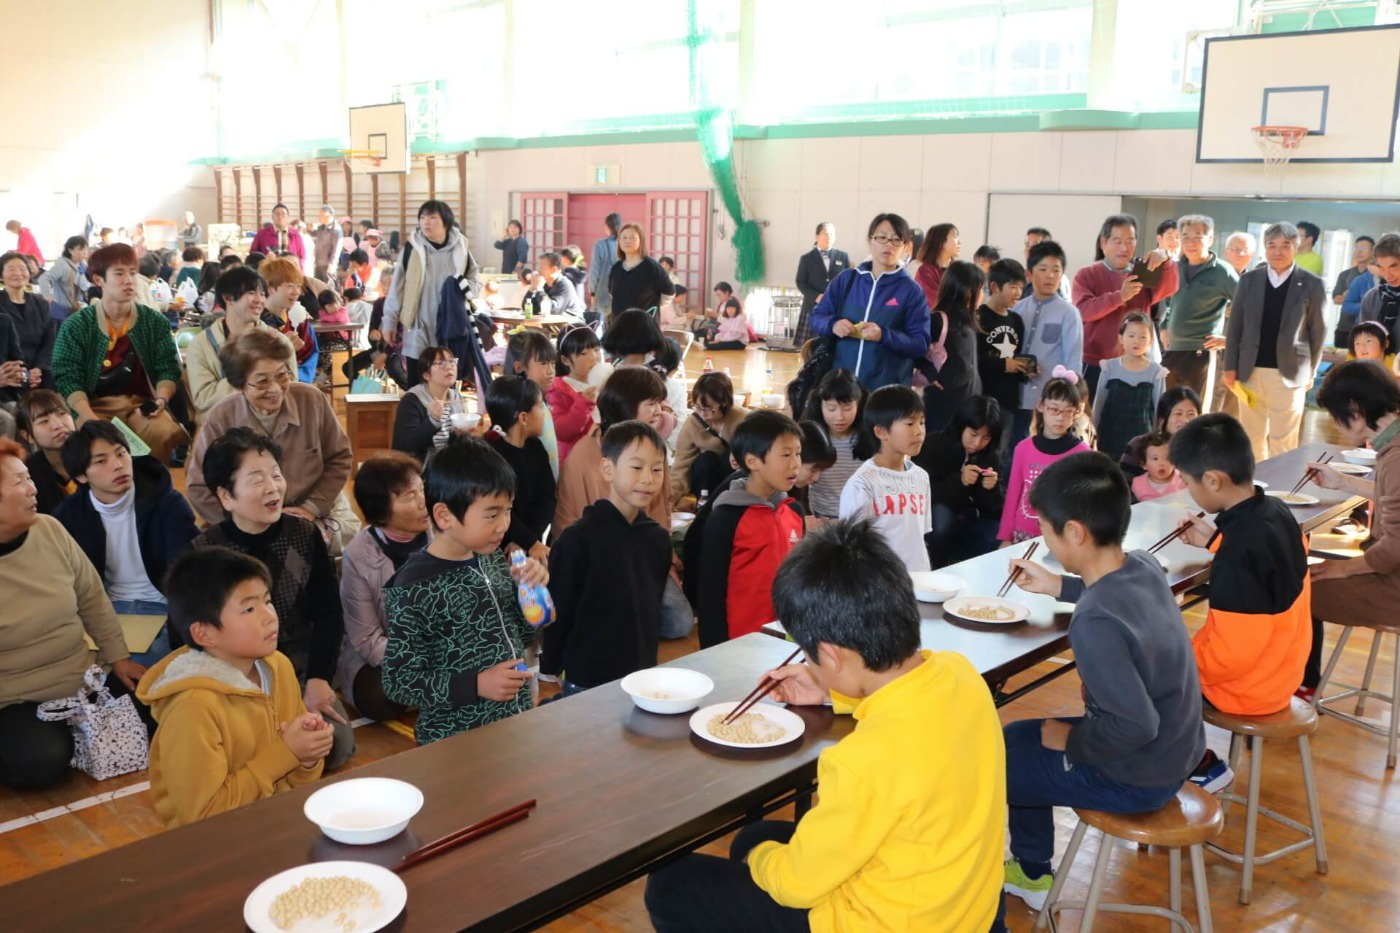 吉島ふれあい祭2019:催し物の写真